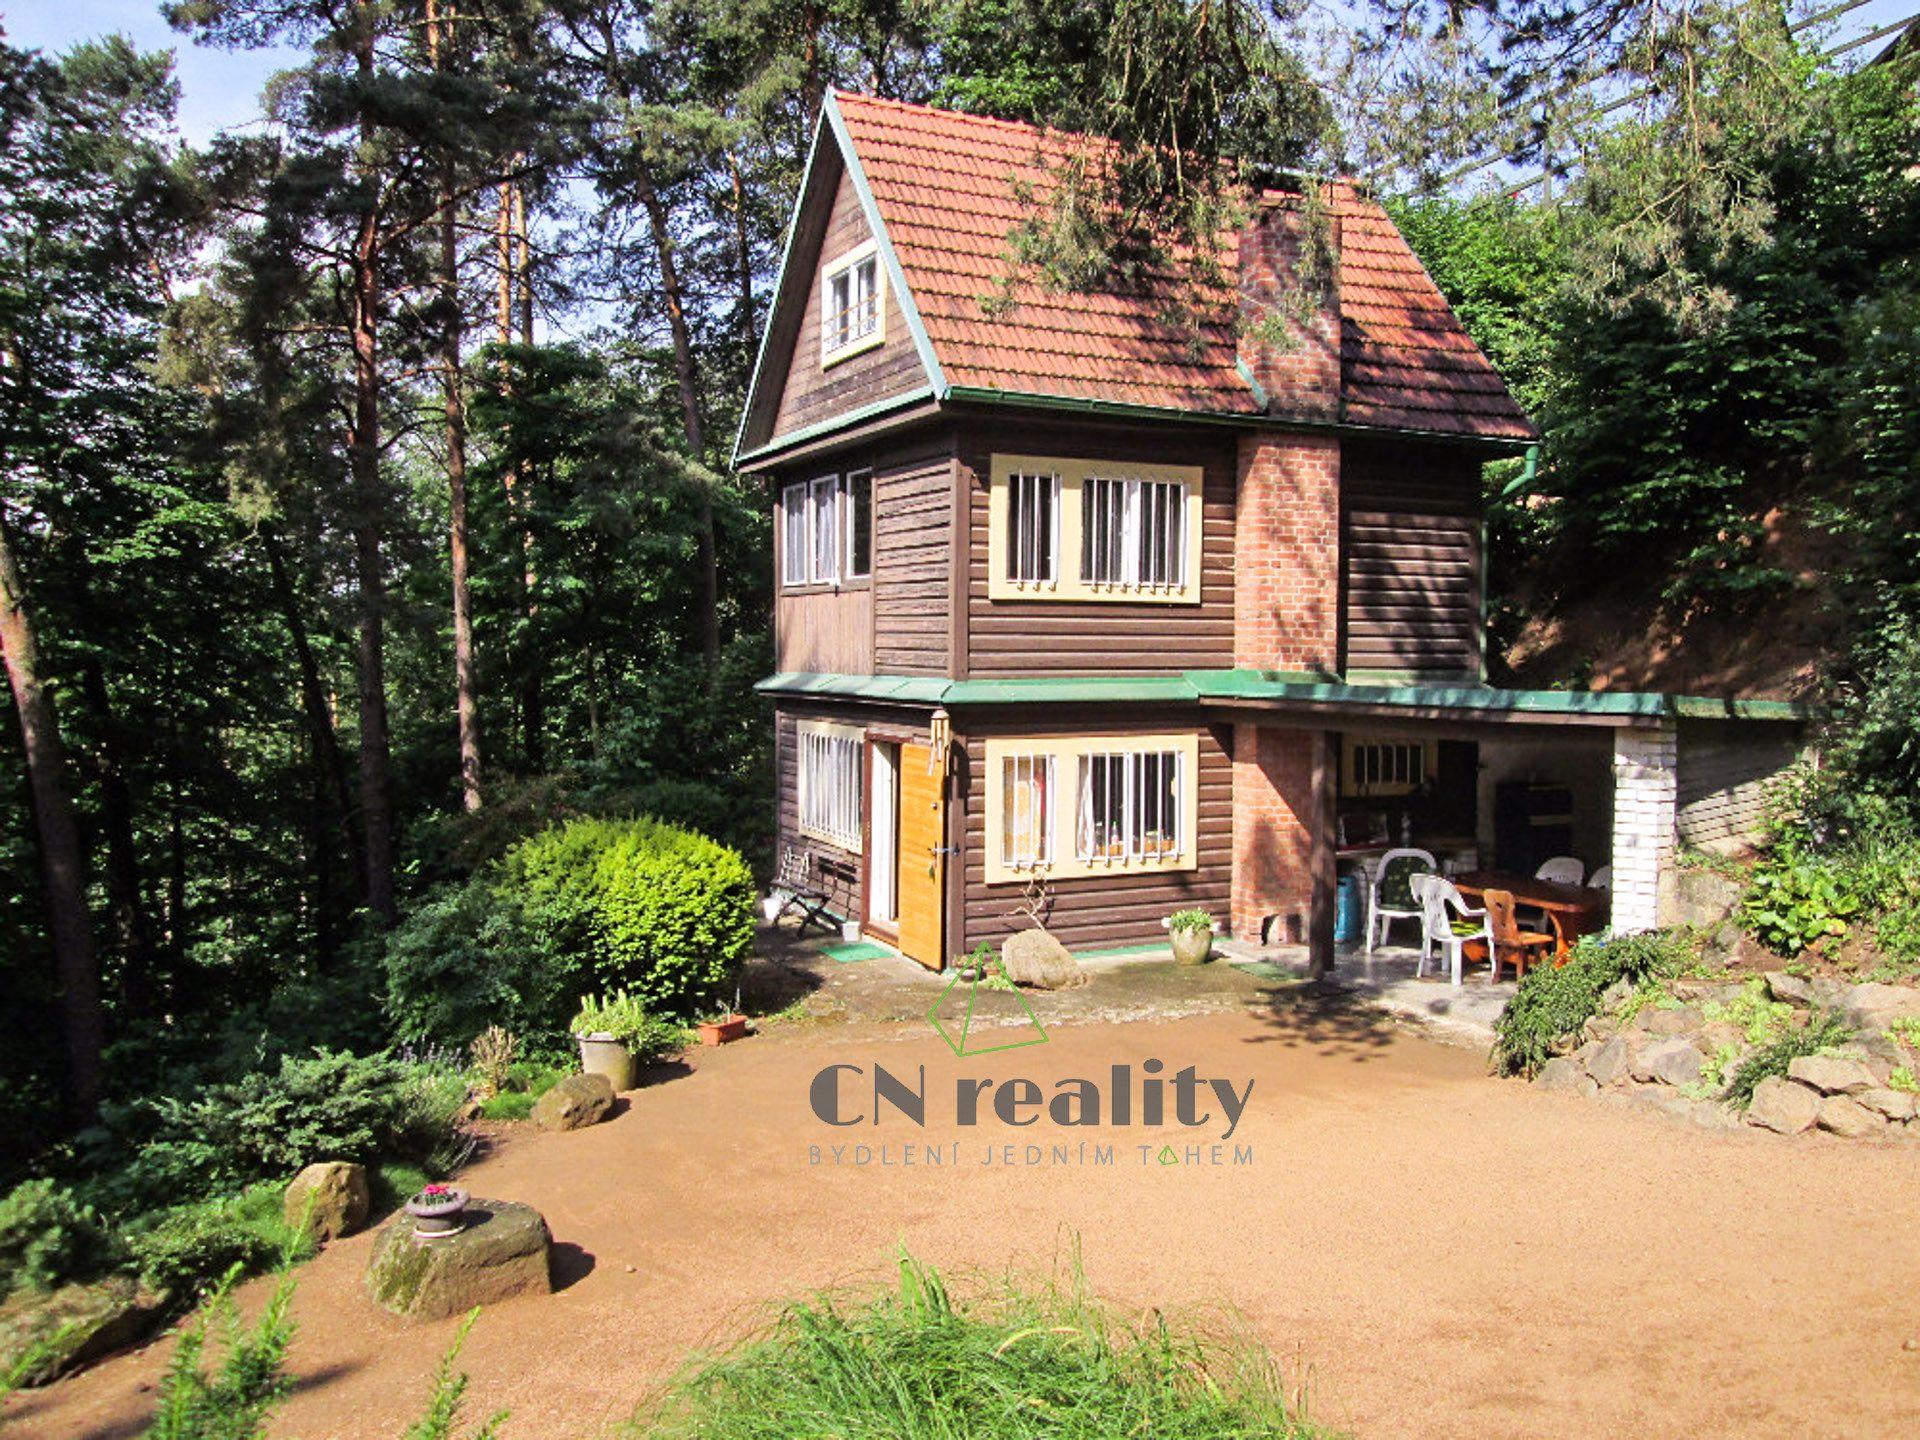 Prodej rekreačního objektu, třípodlažní chaty v nádherné přírodě s terasovitě členěným pozemkem